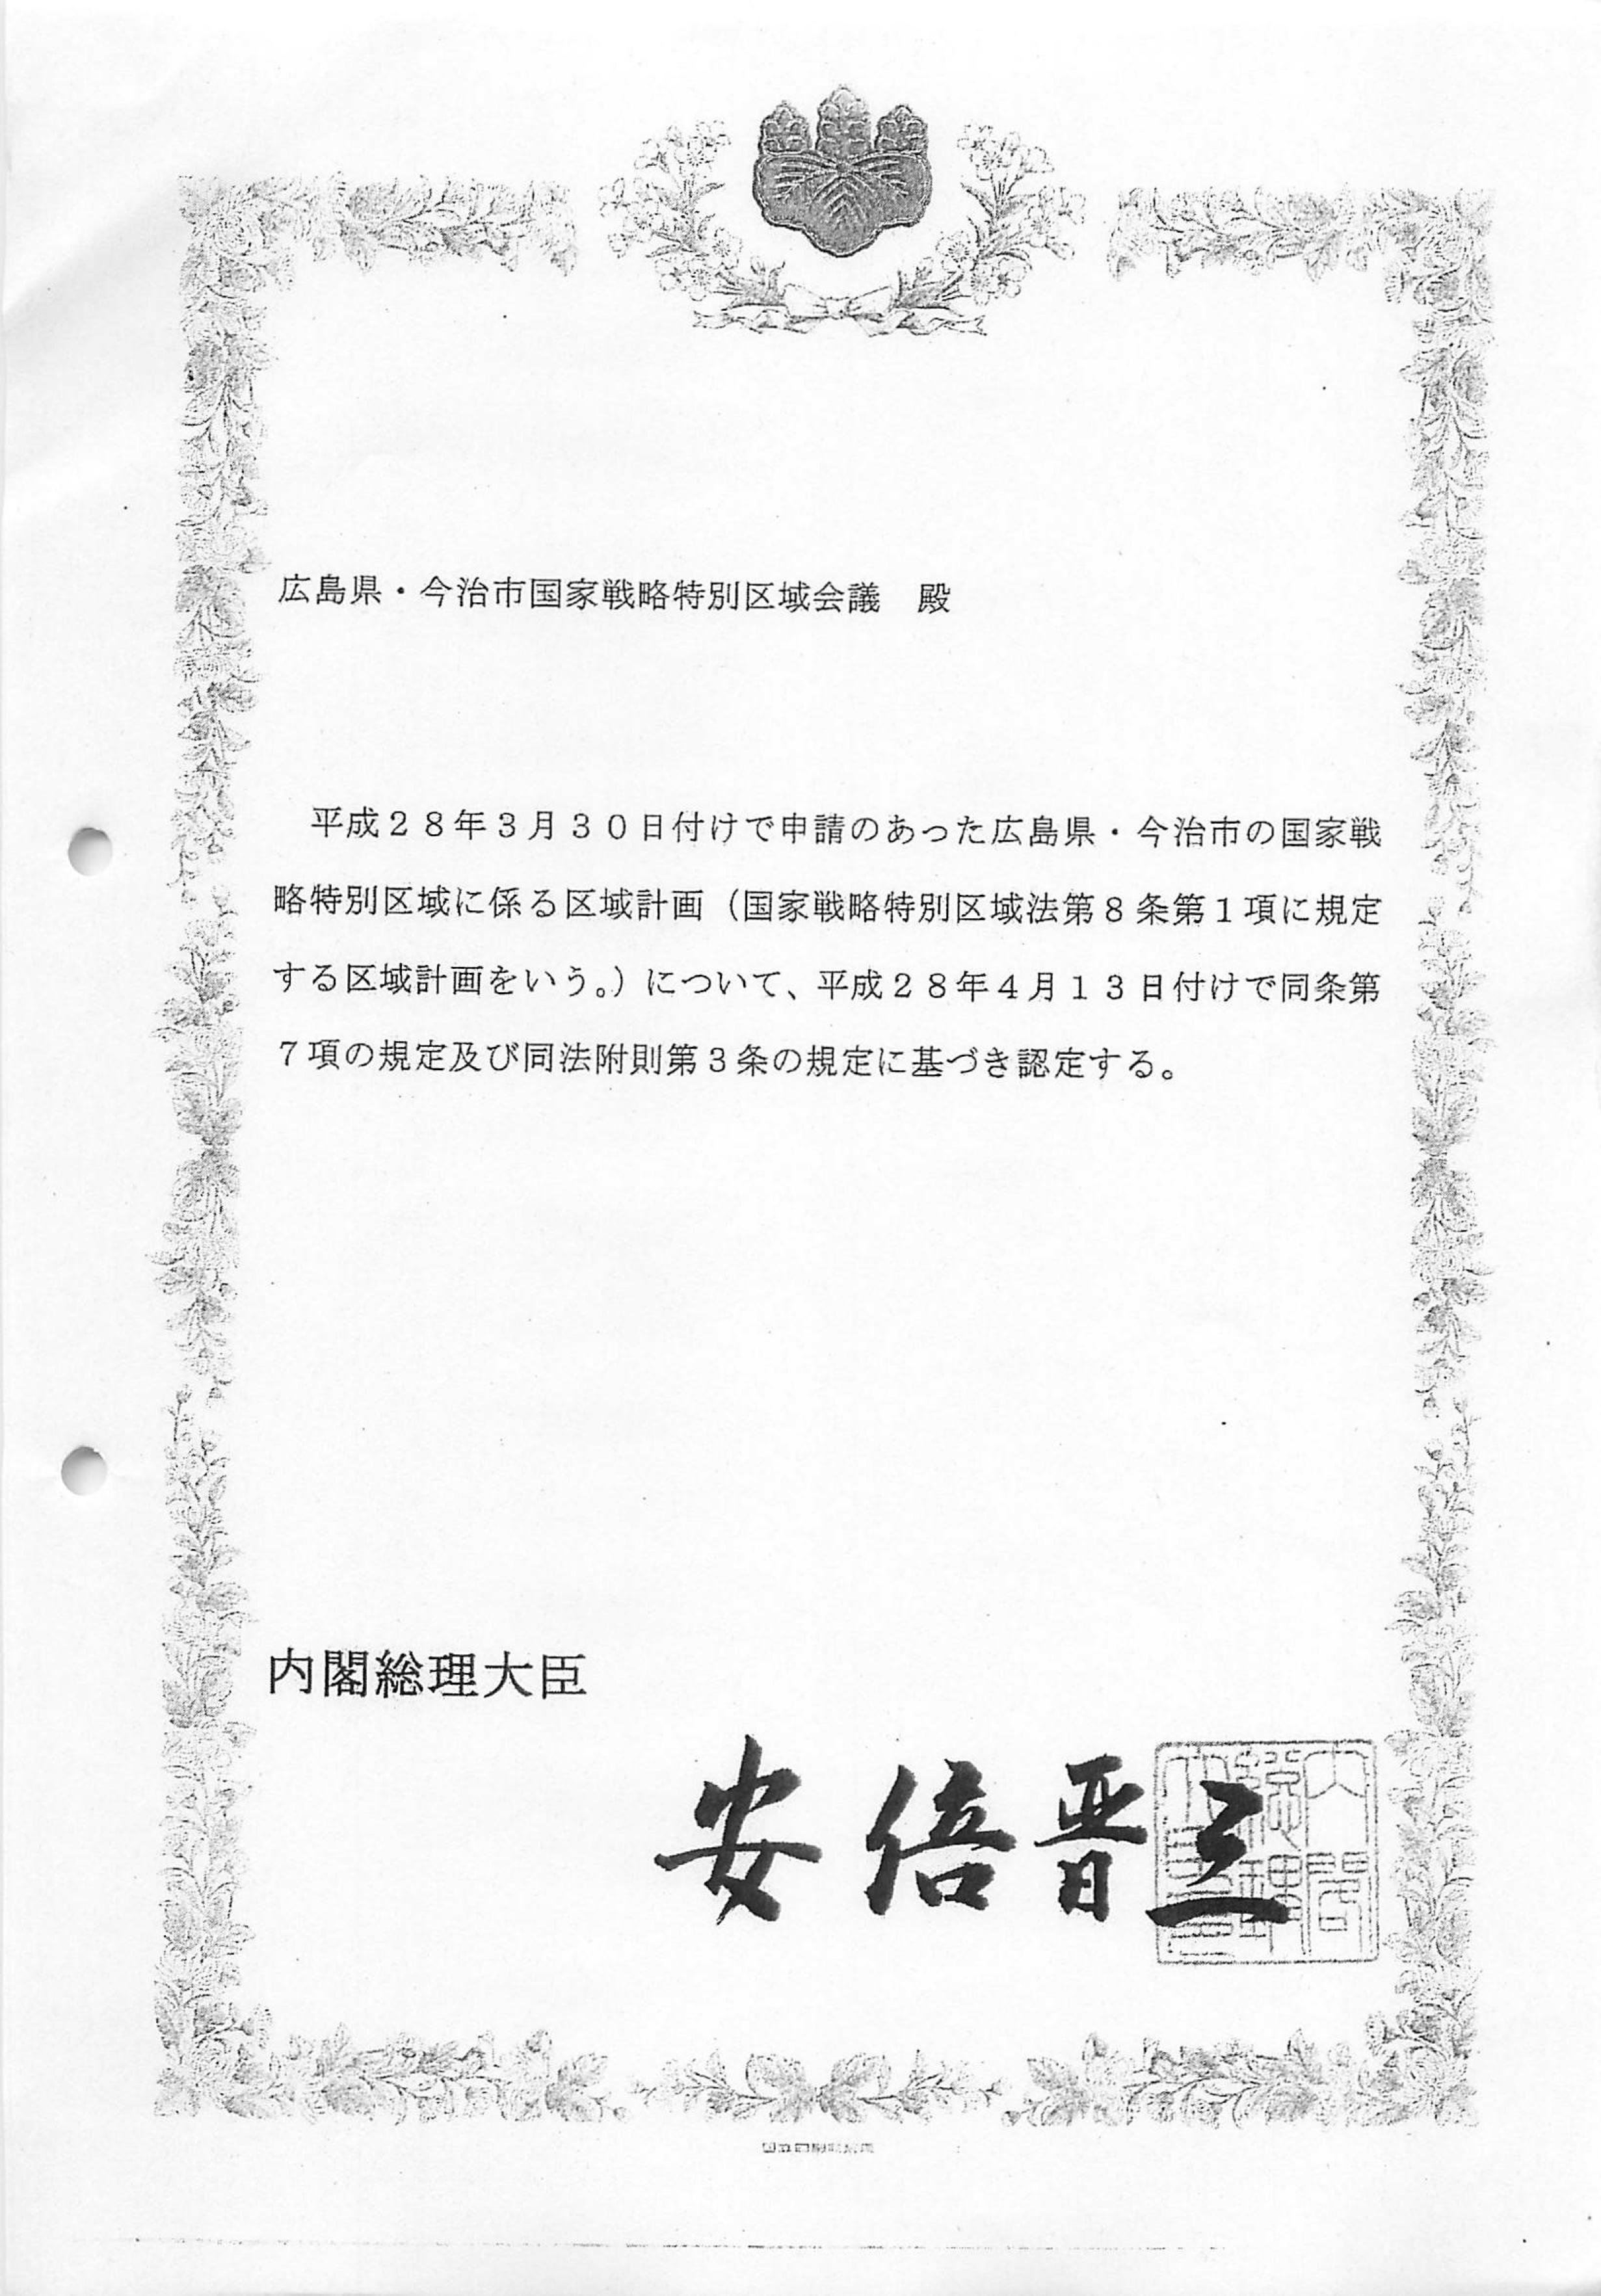 今治市 20160413 区域計画の認定 (3)